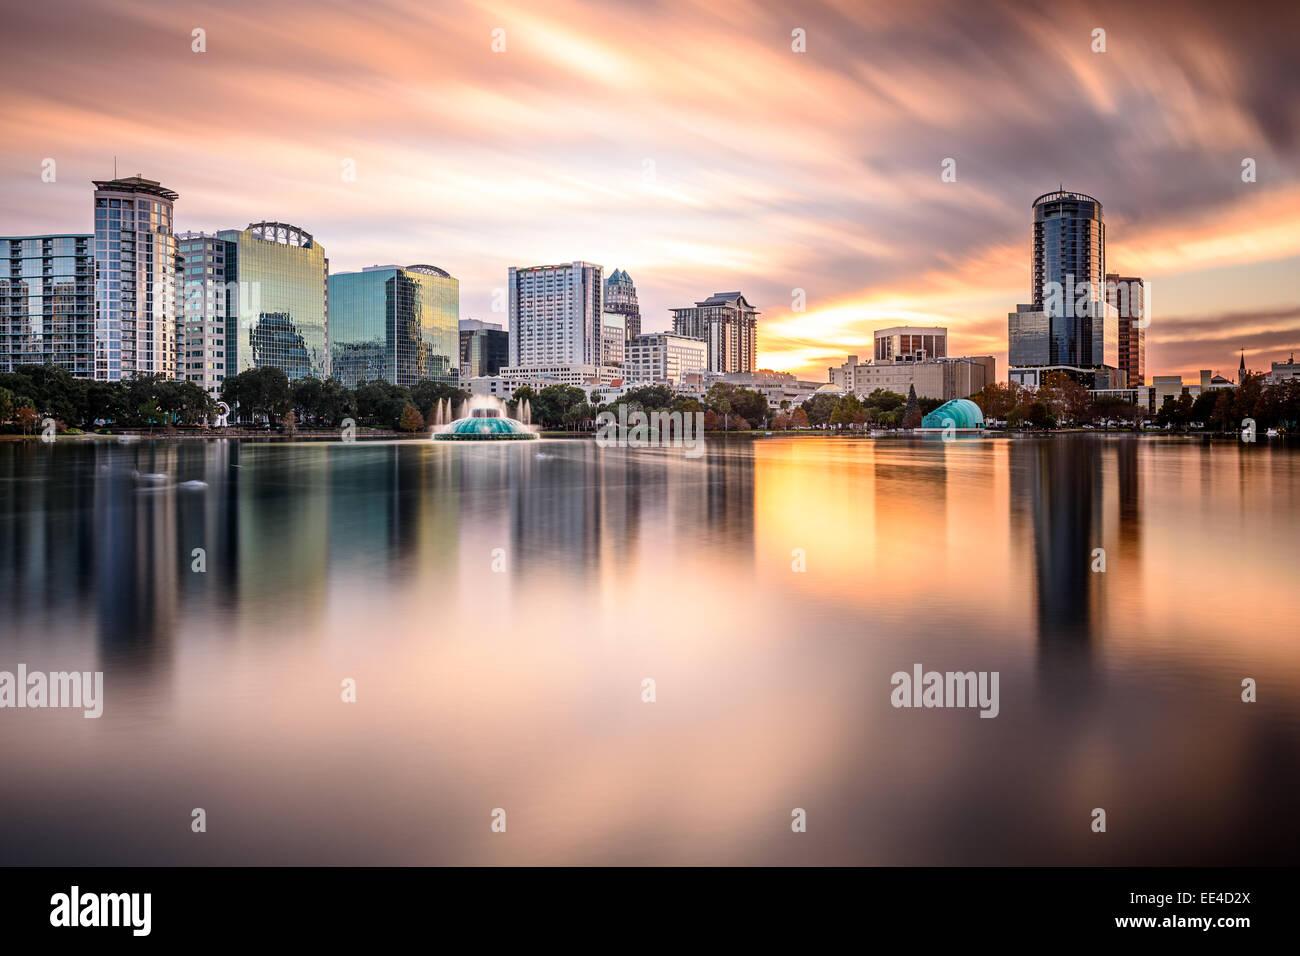 Die Innenstadt von Skyline von Orlando, Florida, USA. Stockbild